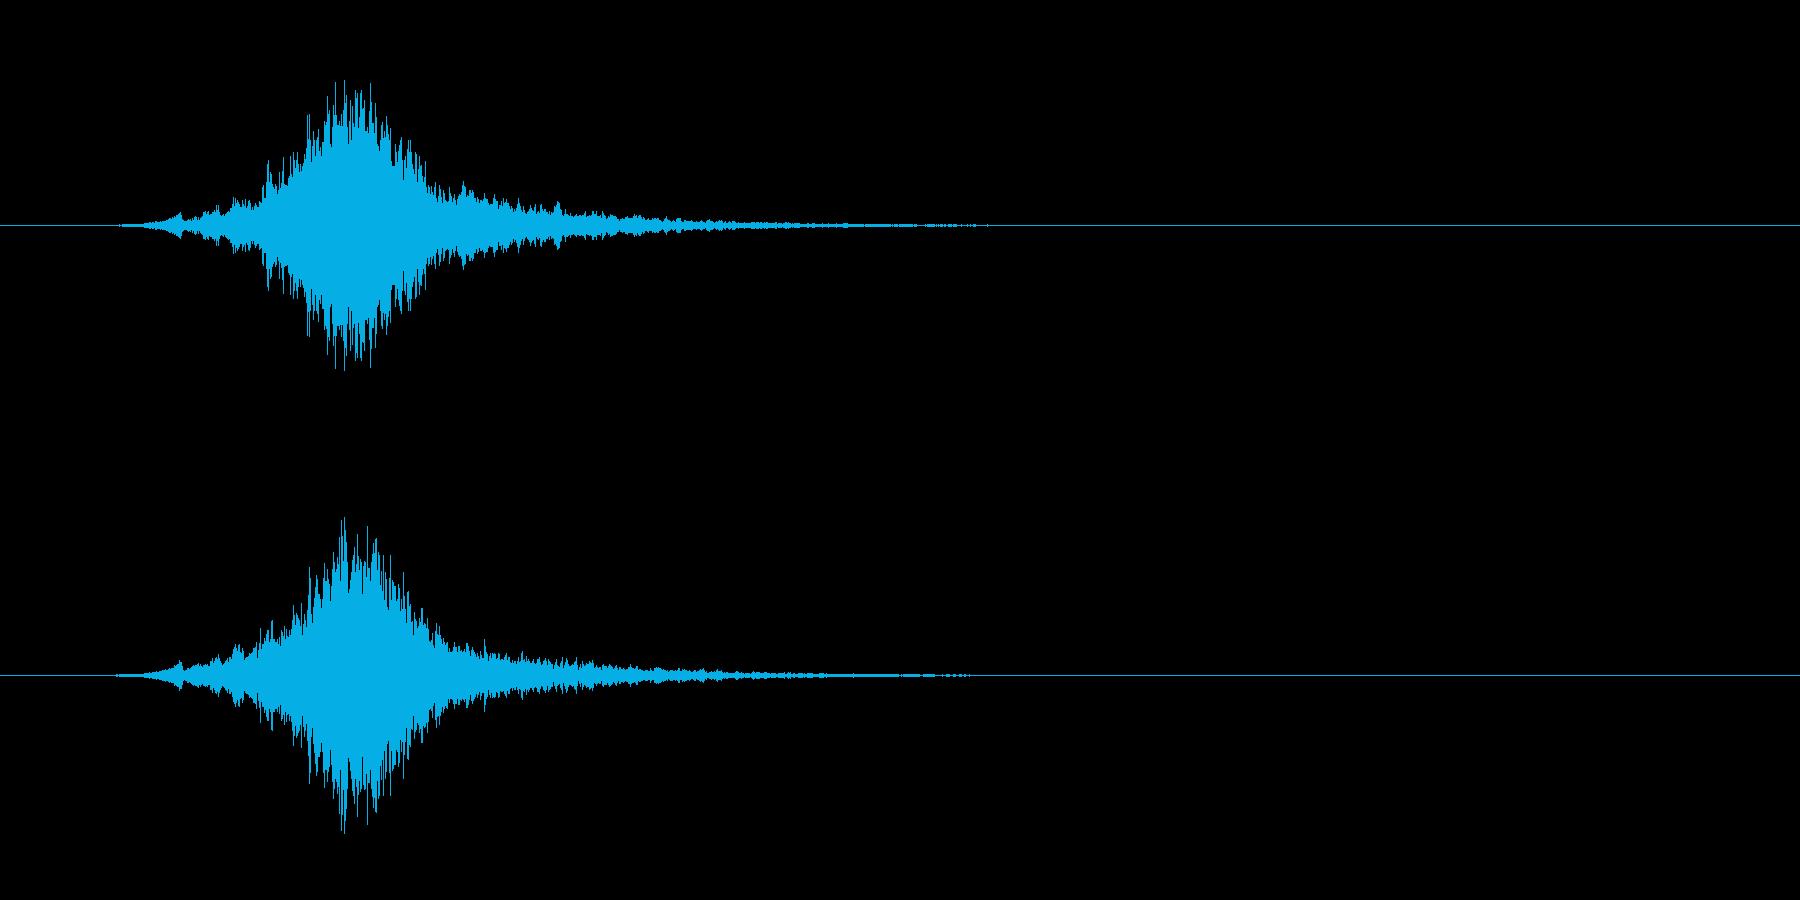 クリスマス シャリーンというベルの音#2の再生済みの波形